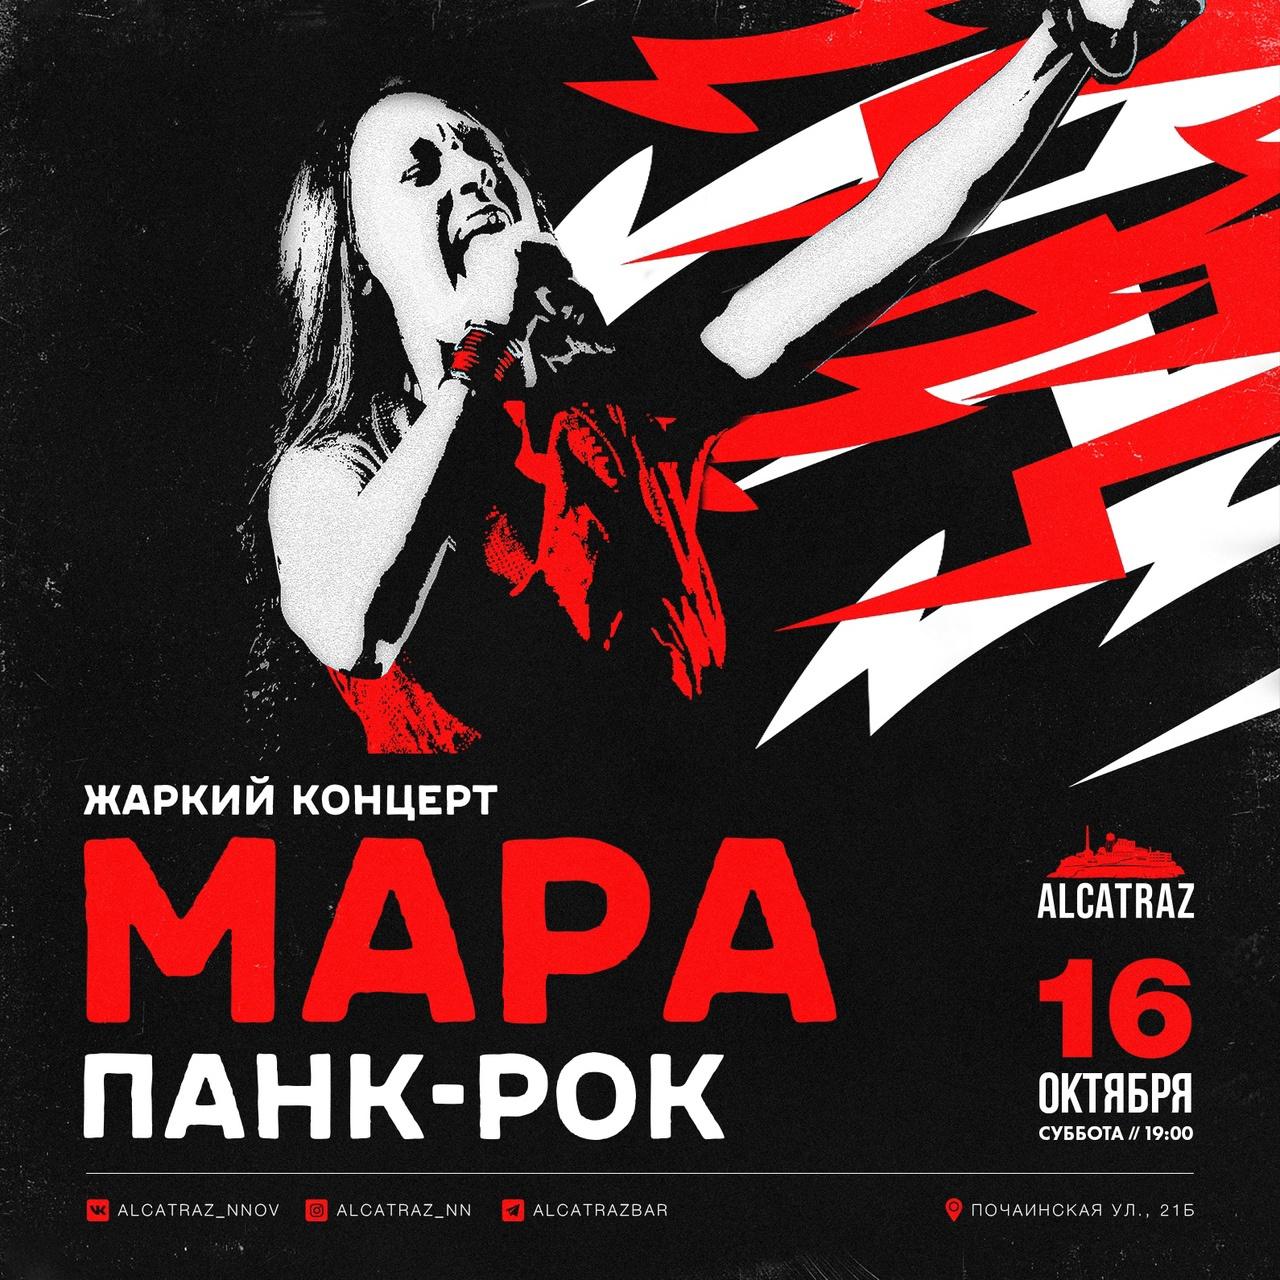 Афиша Нижний Новгород Мара / 16 октября / Alcatraz Bar